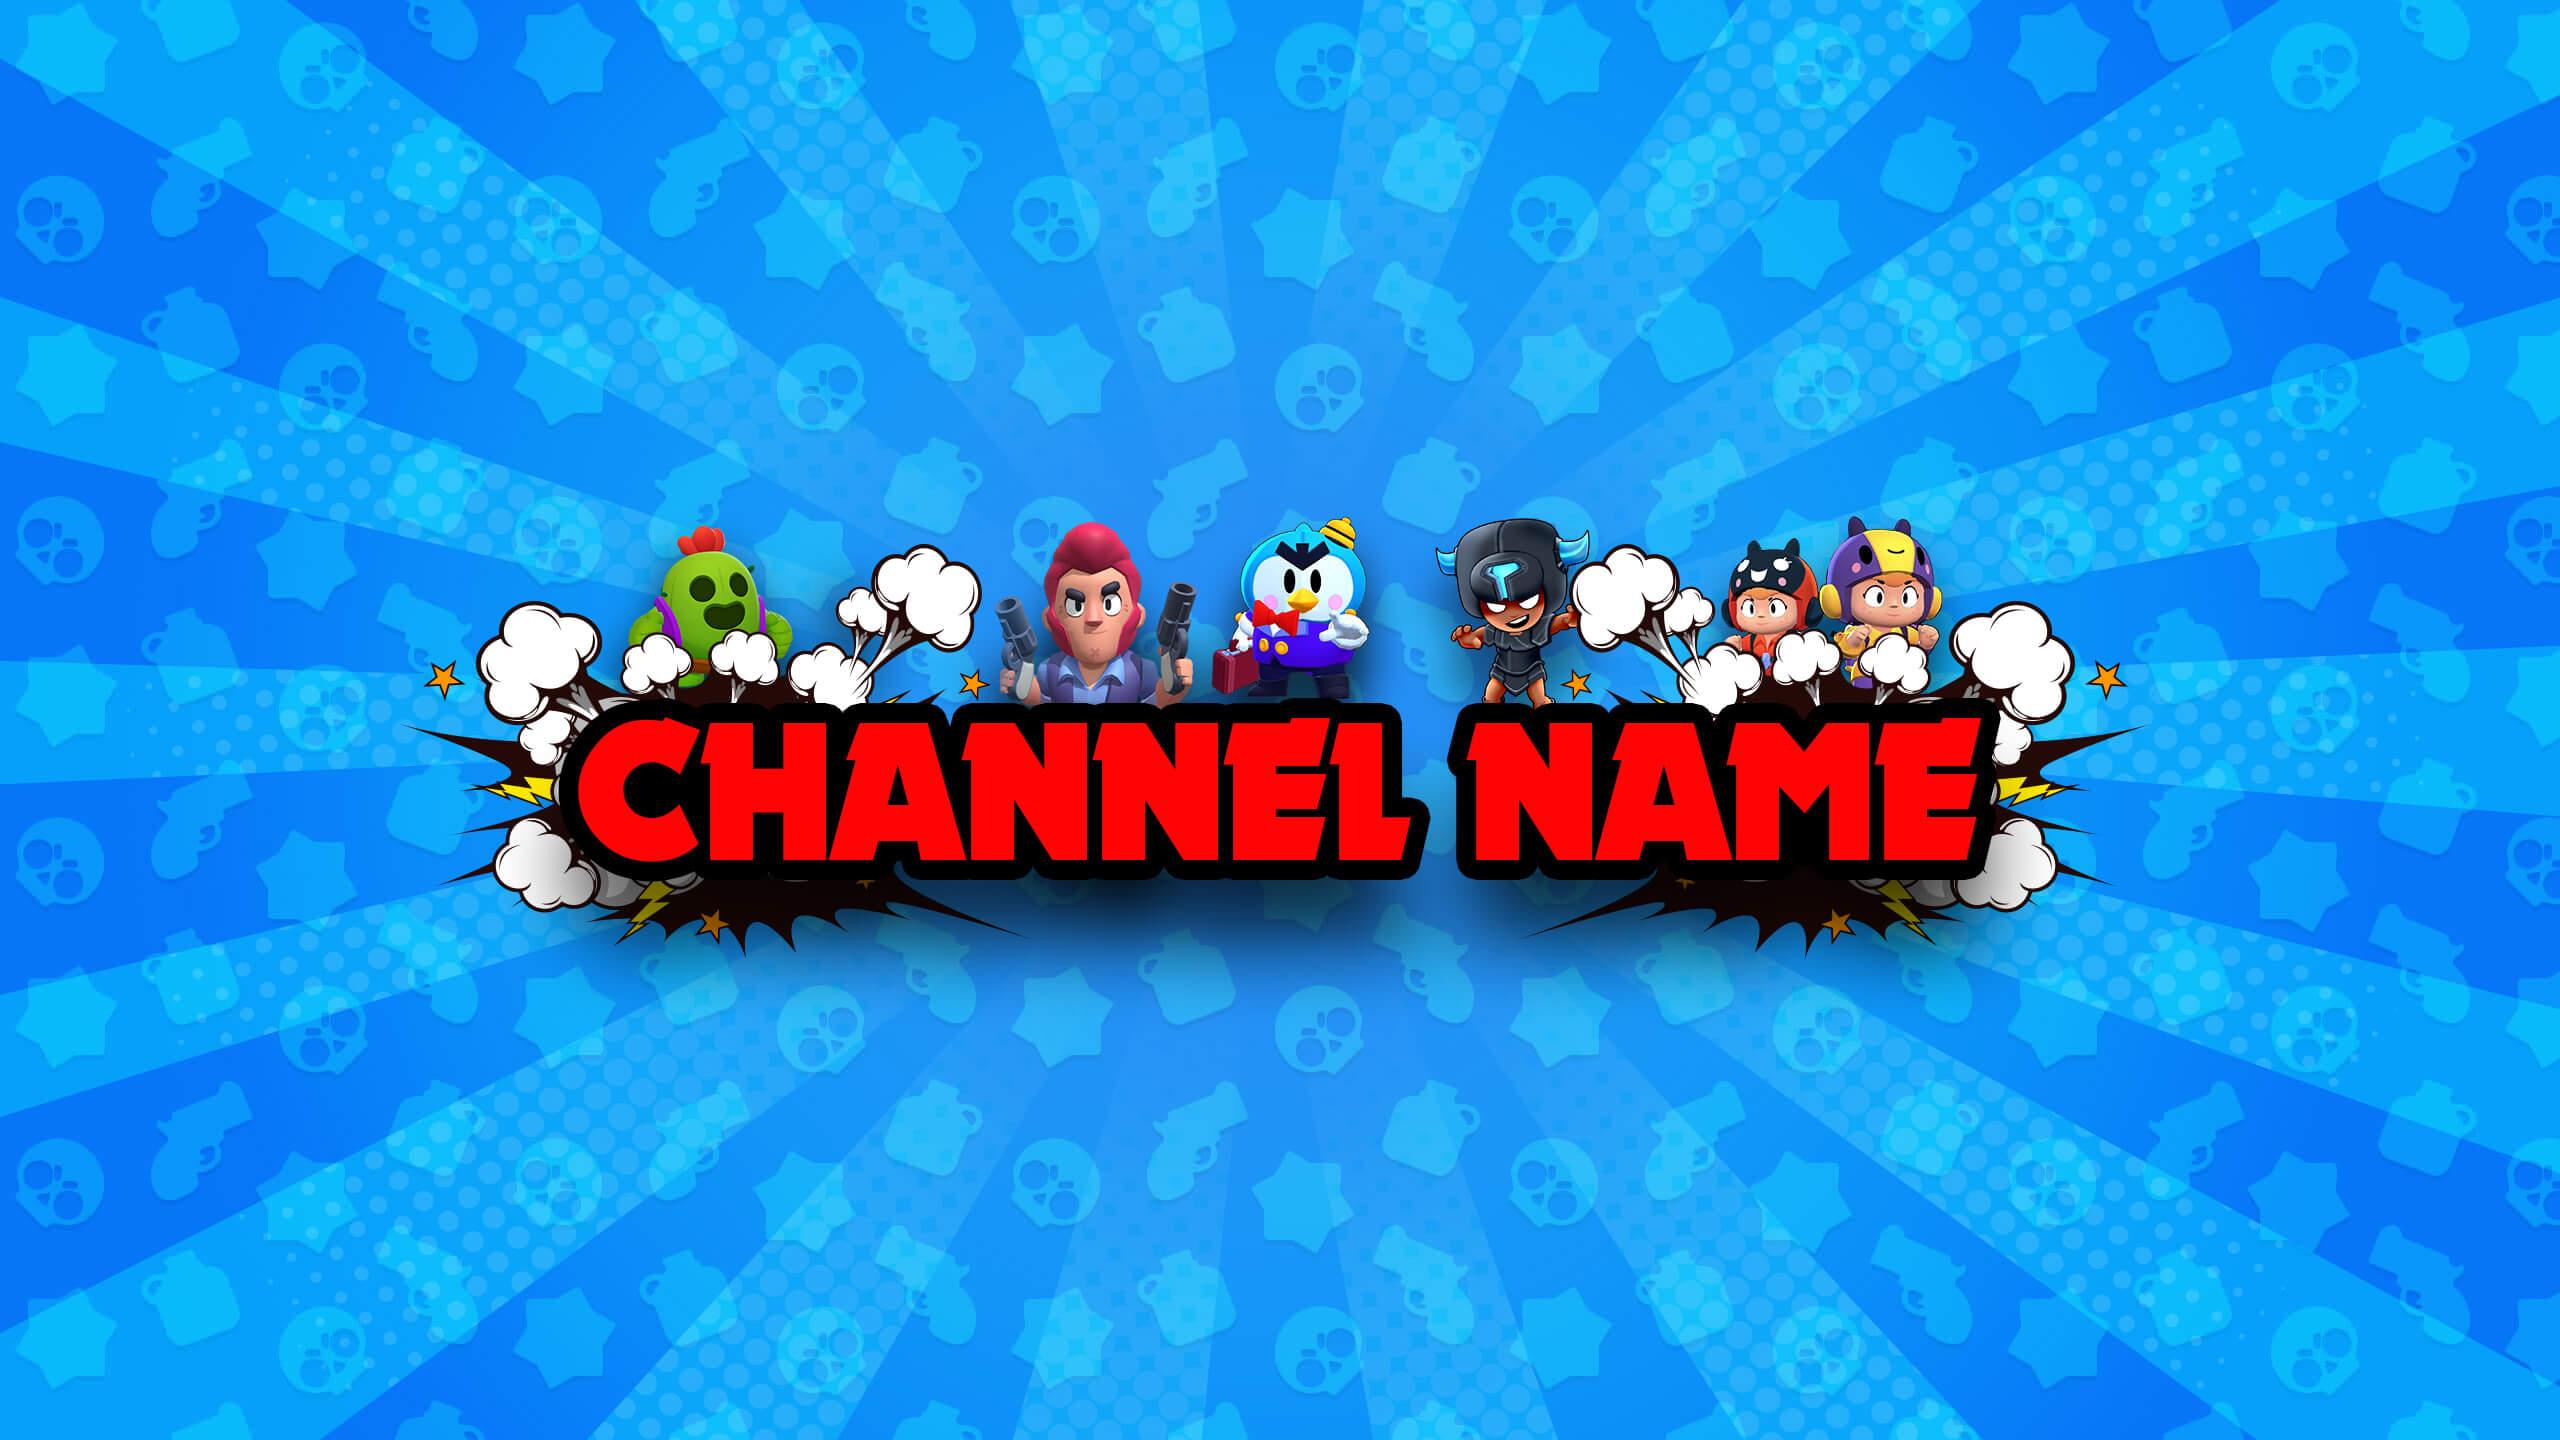 Голубая картинка - шапка на ютуб с персонажами игры браво старс и красным текстом.